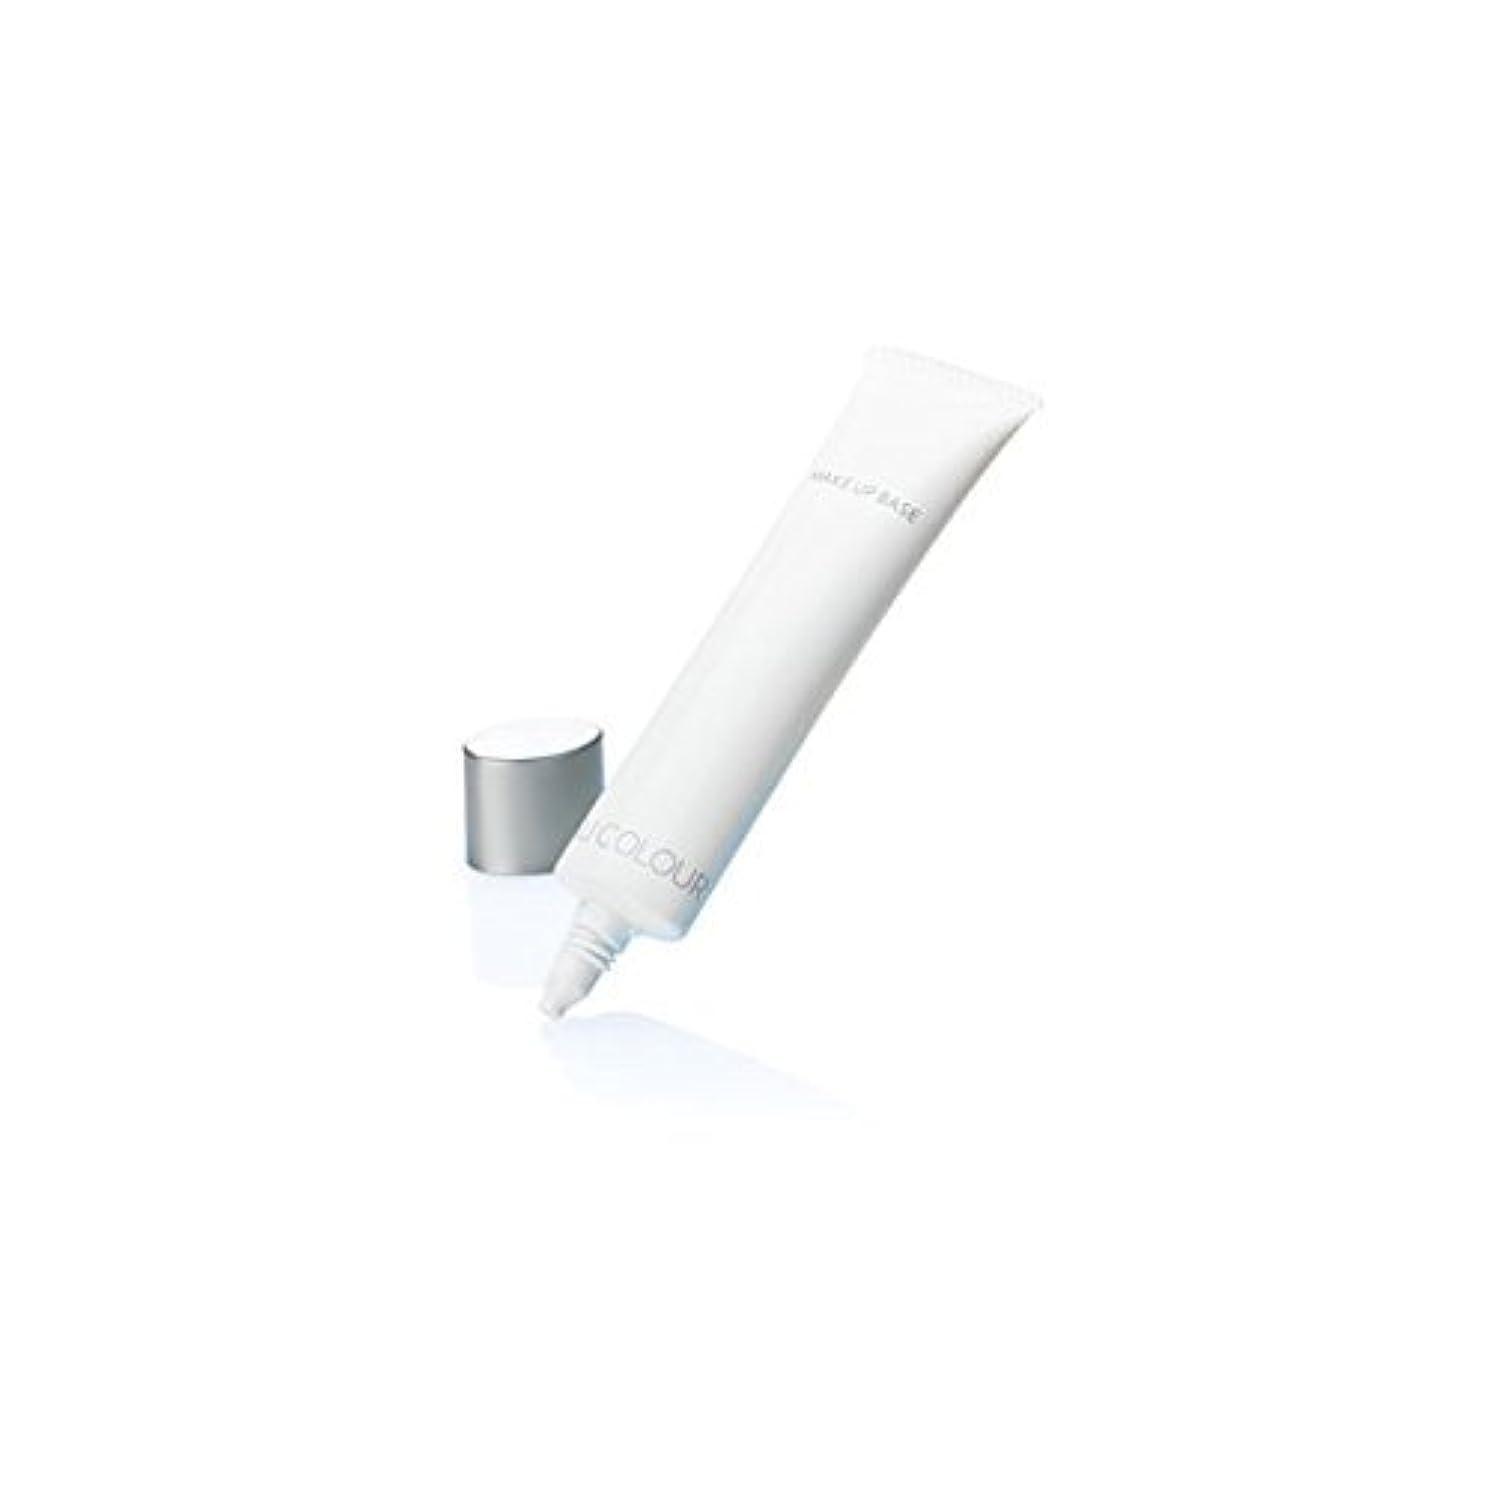 波典型的なバイオレットニュースキン NU SKIN UV メイクアップ ベース SPF18?PA++ クリア 03160813